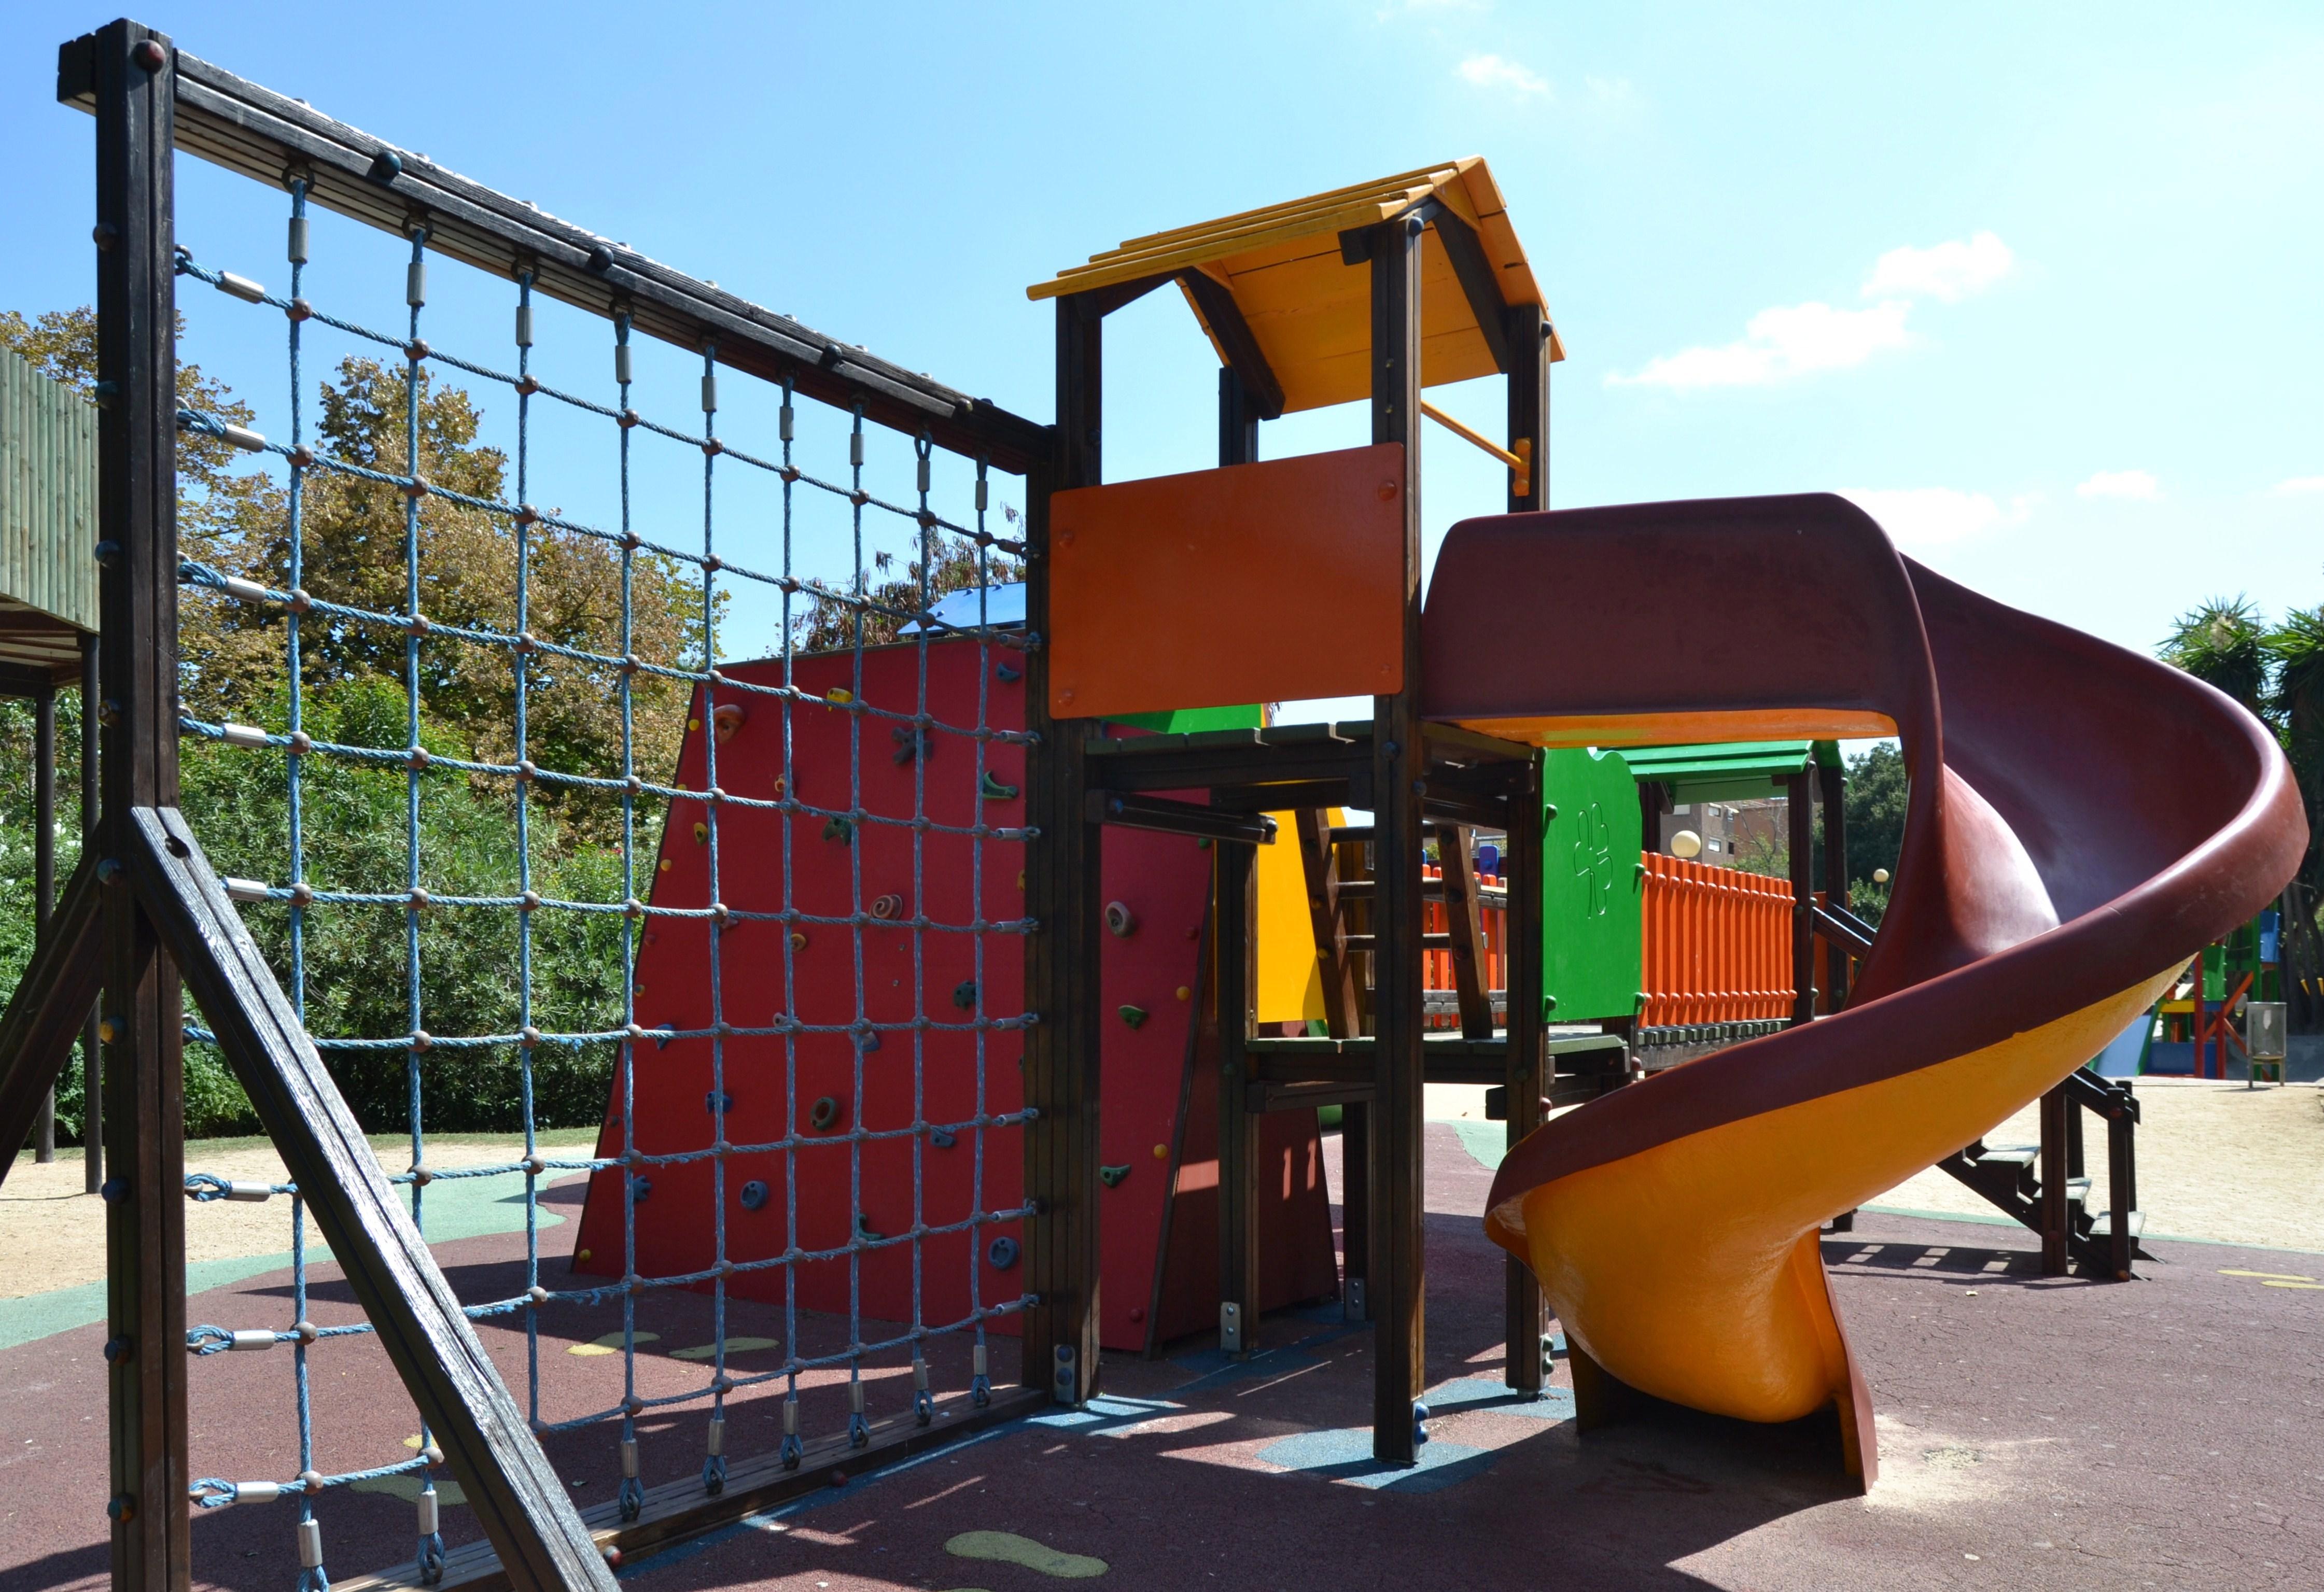 Fitxer parc de jocs infantil parc de benicalap jpg for Piscina parque benicalap